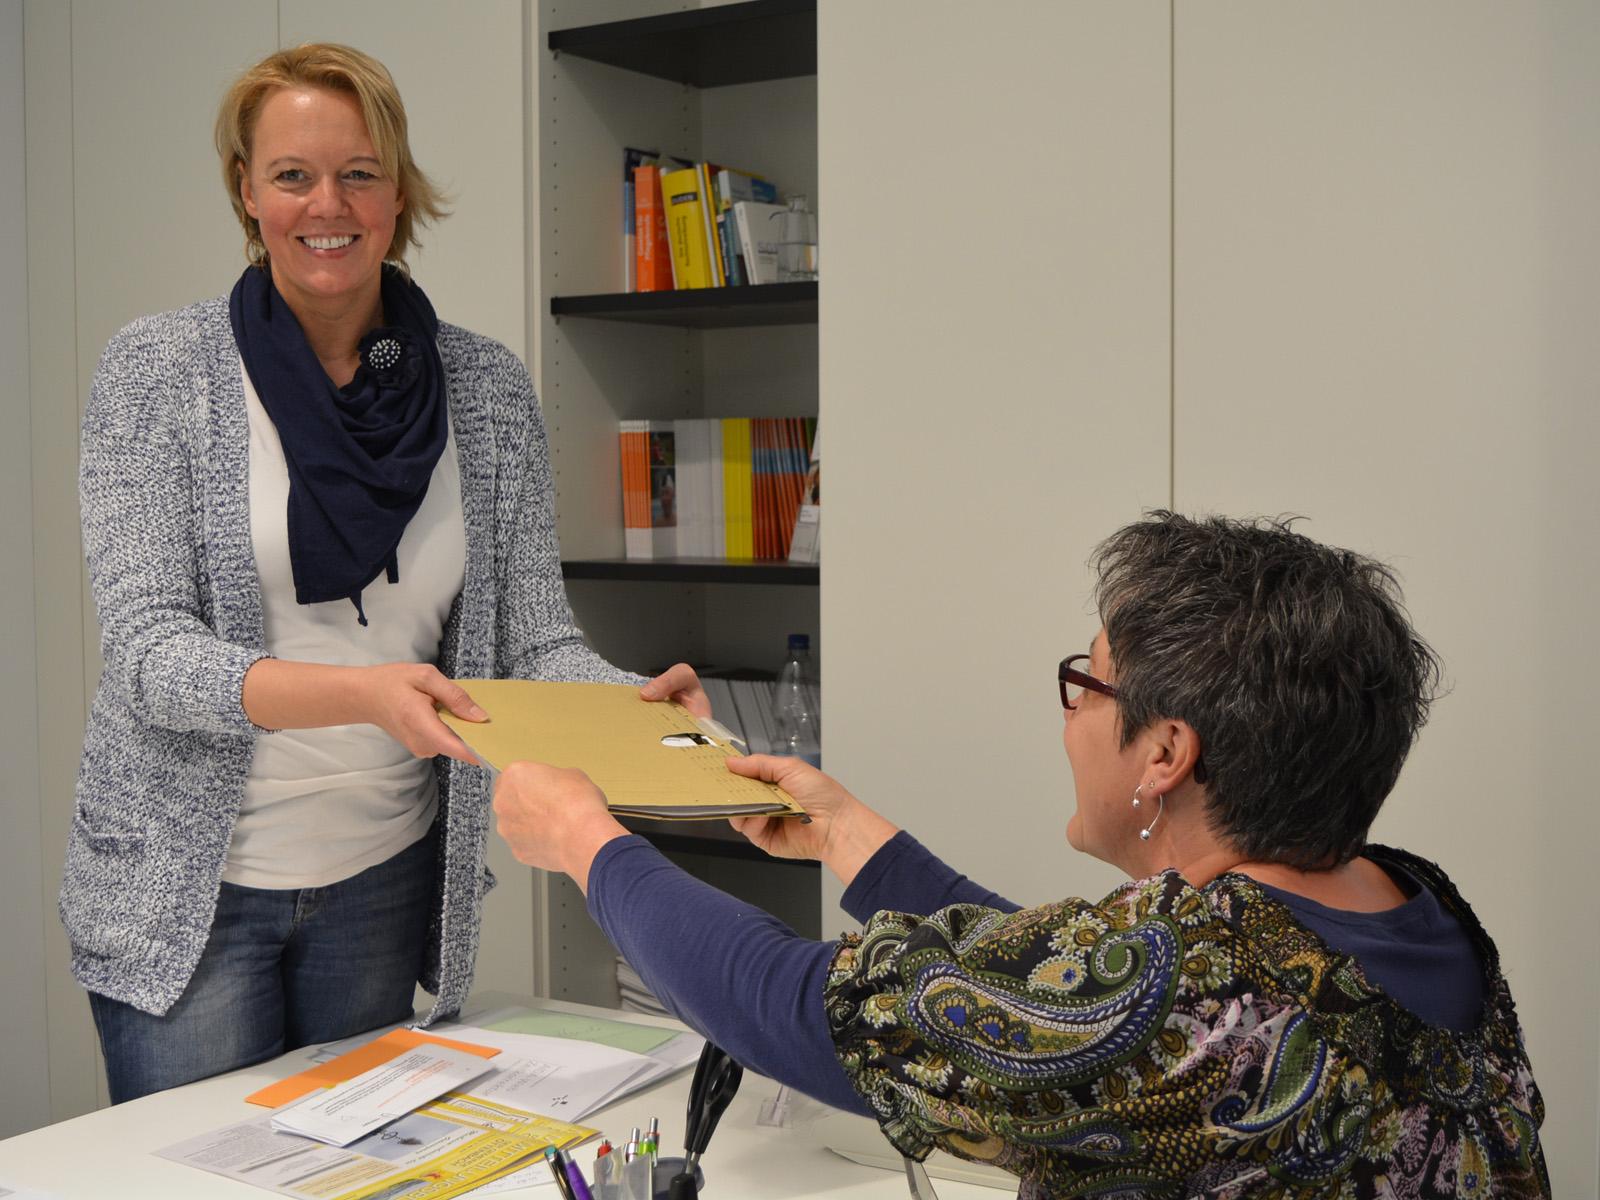 Seniorenberatung bei Frau Heide Daiss